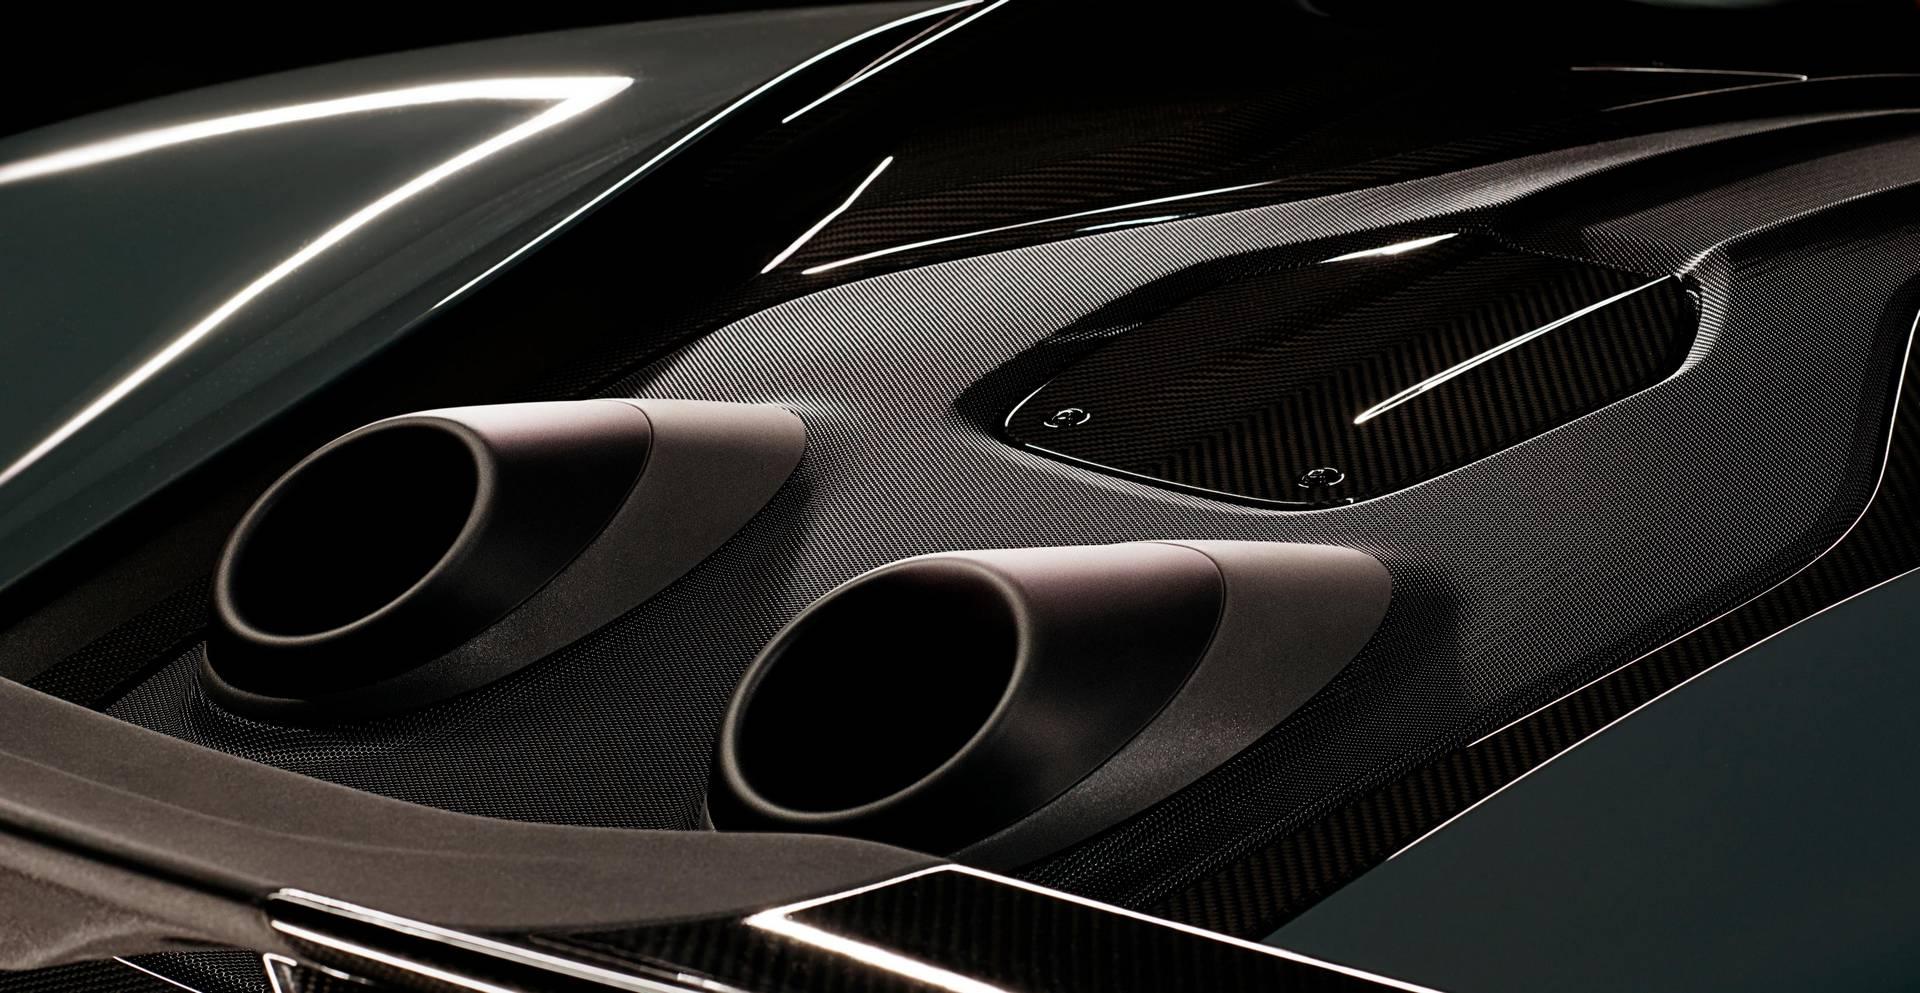 Самым драматичным изменением являются уникальные верхние выхлопные трубы, такие же как у Senna, а впервые они были представлены Porsche на Porsche 918 Spyder. McLaren настроил рулевое управление, дроссельную заслонку и тормоза и установил более прочн